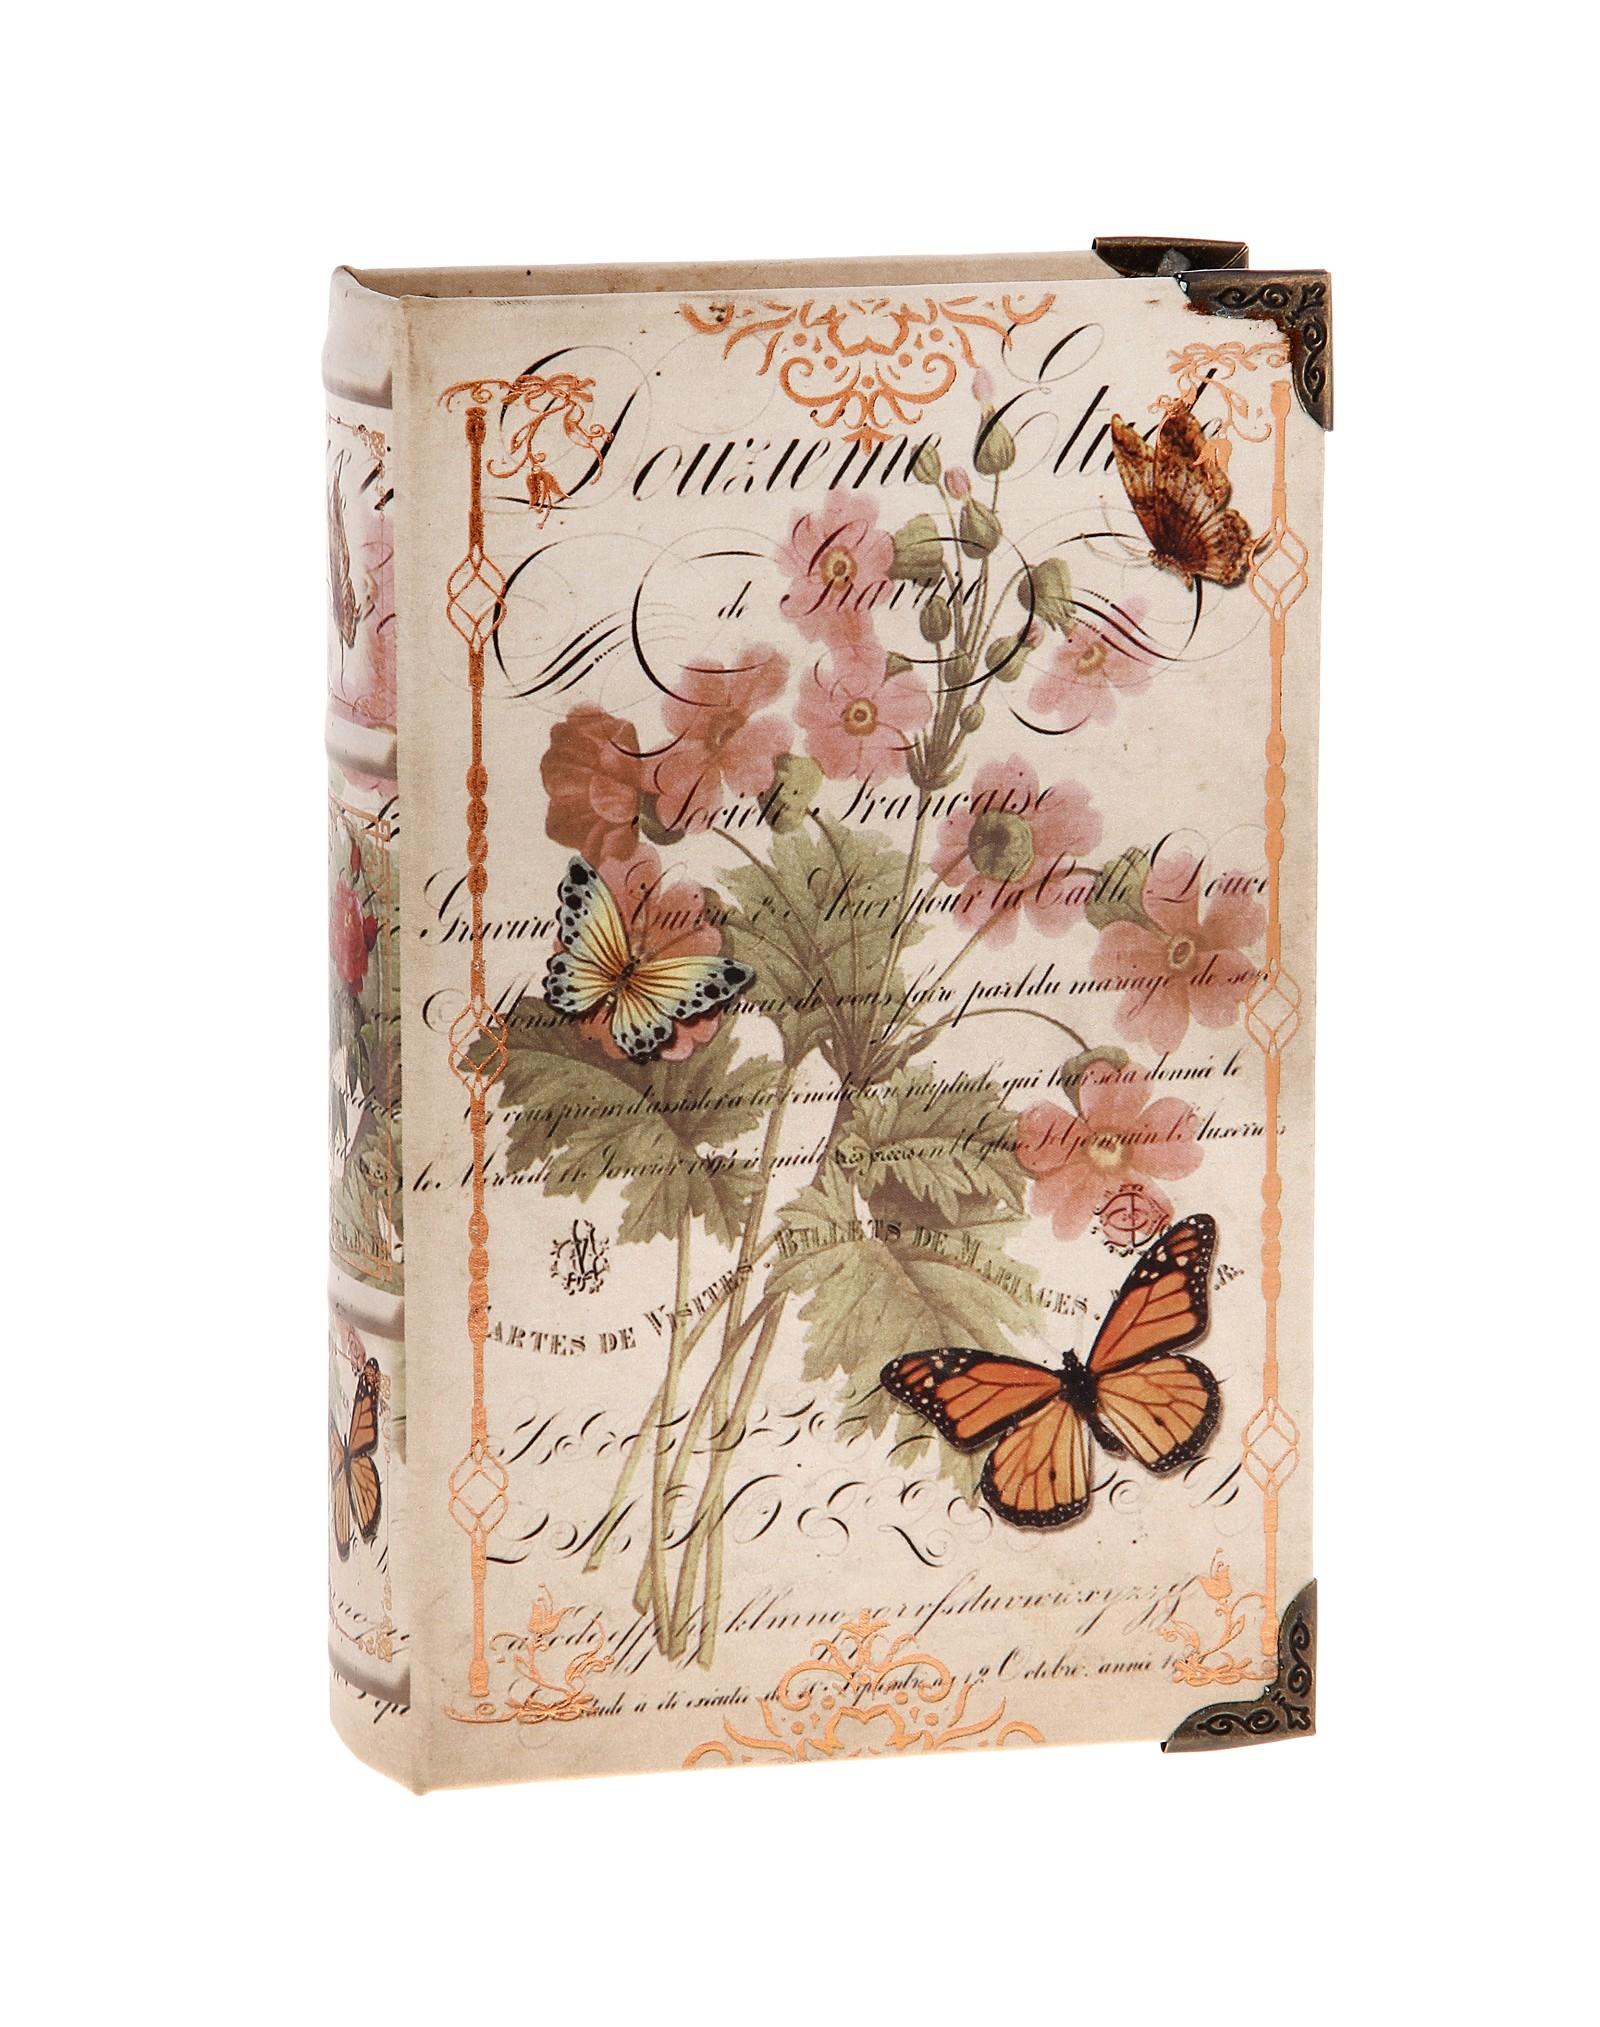 Шкатулка-книга Полевые цветыP6213AОригинальное оформление шкатулки, несомненно, привлечет внимание. Шкатулка изготовлена в виде книги из дерева, поверхность которой выполнена из шёлка и оформлена изображением прекрасной цветочной композиции в нежных тонах. Такая шкатулка может использоваться для хранения бижутерии, в качестве украшения интерьера, а также послужит хорошим подарком для человека, ценящего практичные и оригинальные вещицы. Характеристики:Материал: дерево, шёлк, металл. Цвет: коричневый. Размер шкатулки (в закрытом виде): 24 см х 16 см х 5 см. Размер упаковки: 24,5 см х 16 см х 5 см. Артикул: 680713.